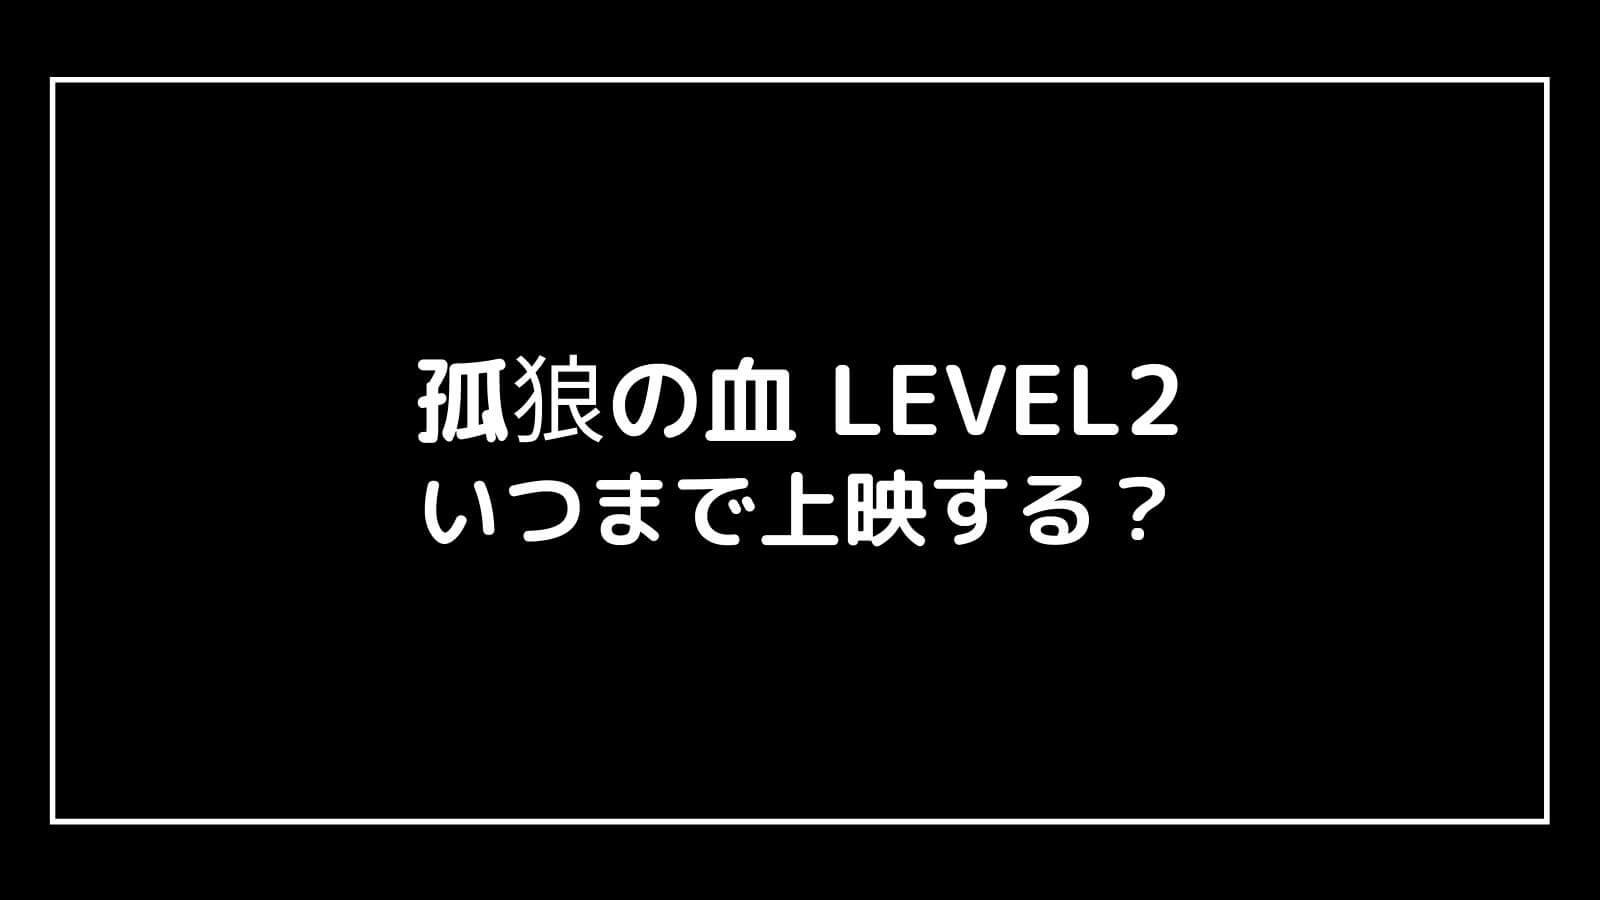 映画『孤狼の血 LEVEL2』はいつまで上映する?元映画館社員が公開期間を予想